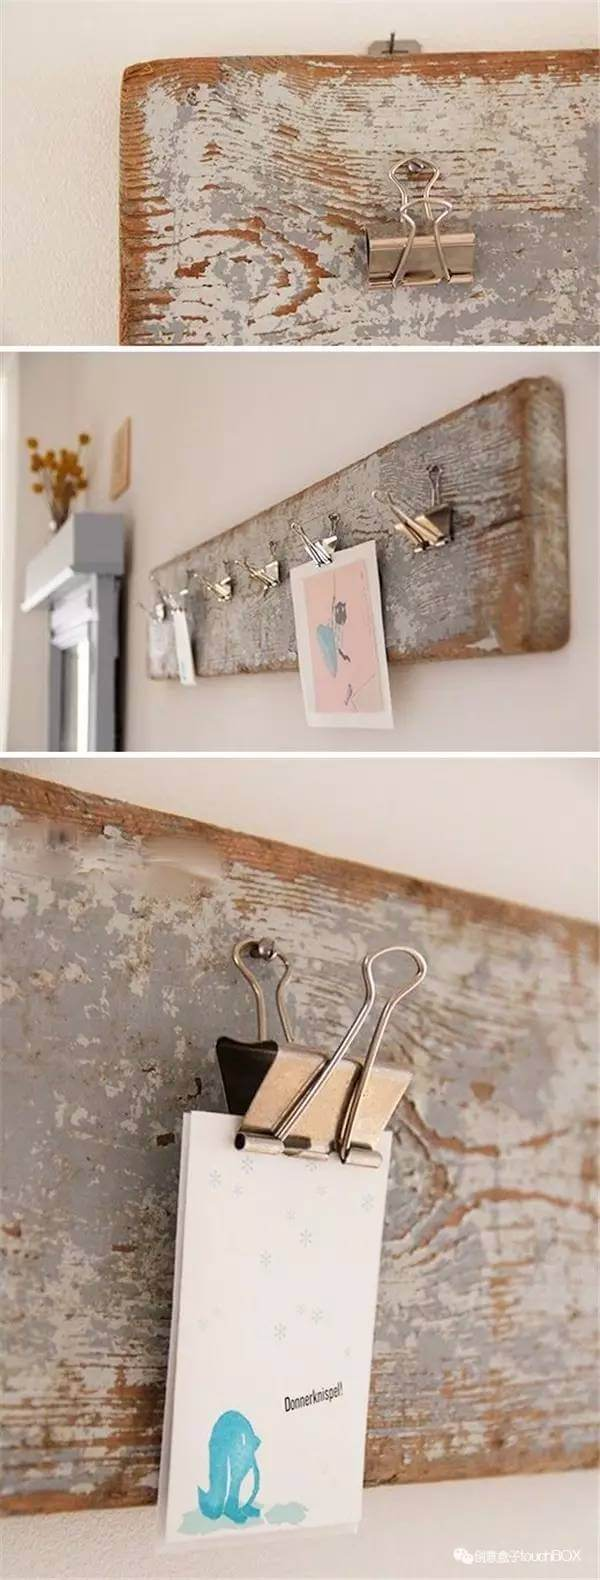 Rustic Bedroom Design and Decor Idea for Memo Clips